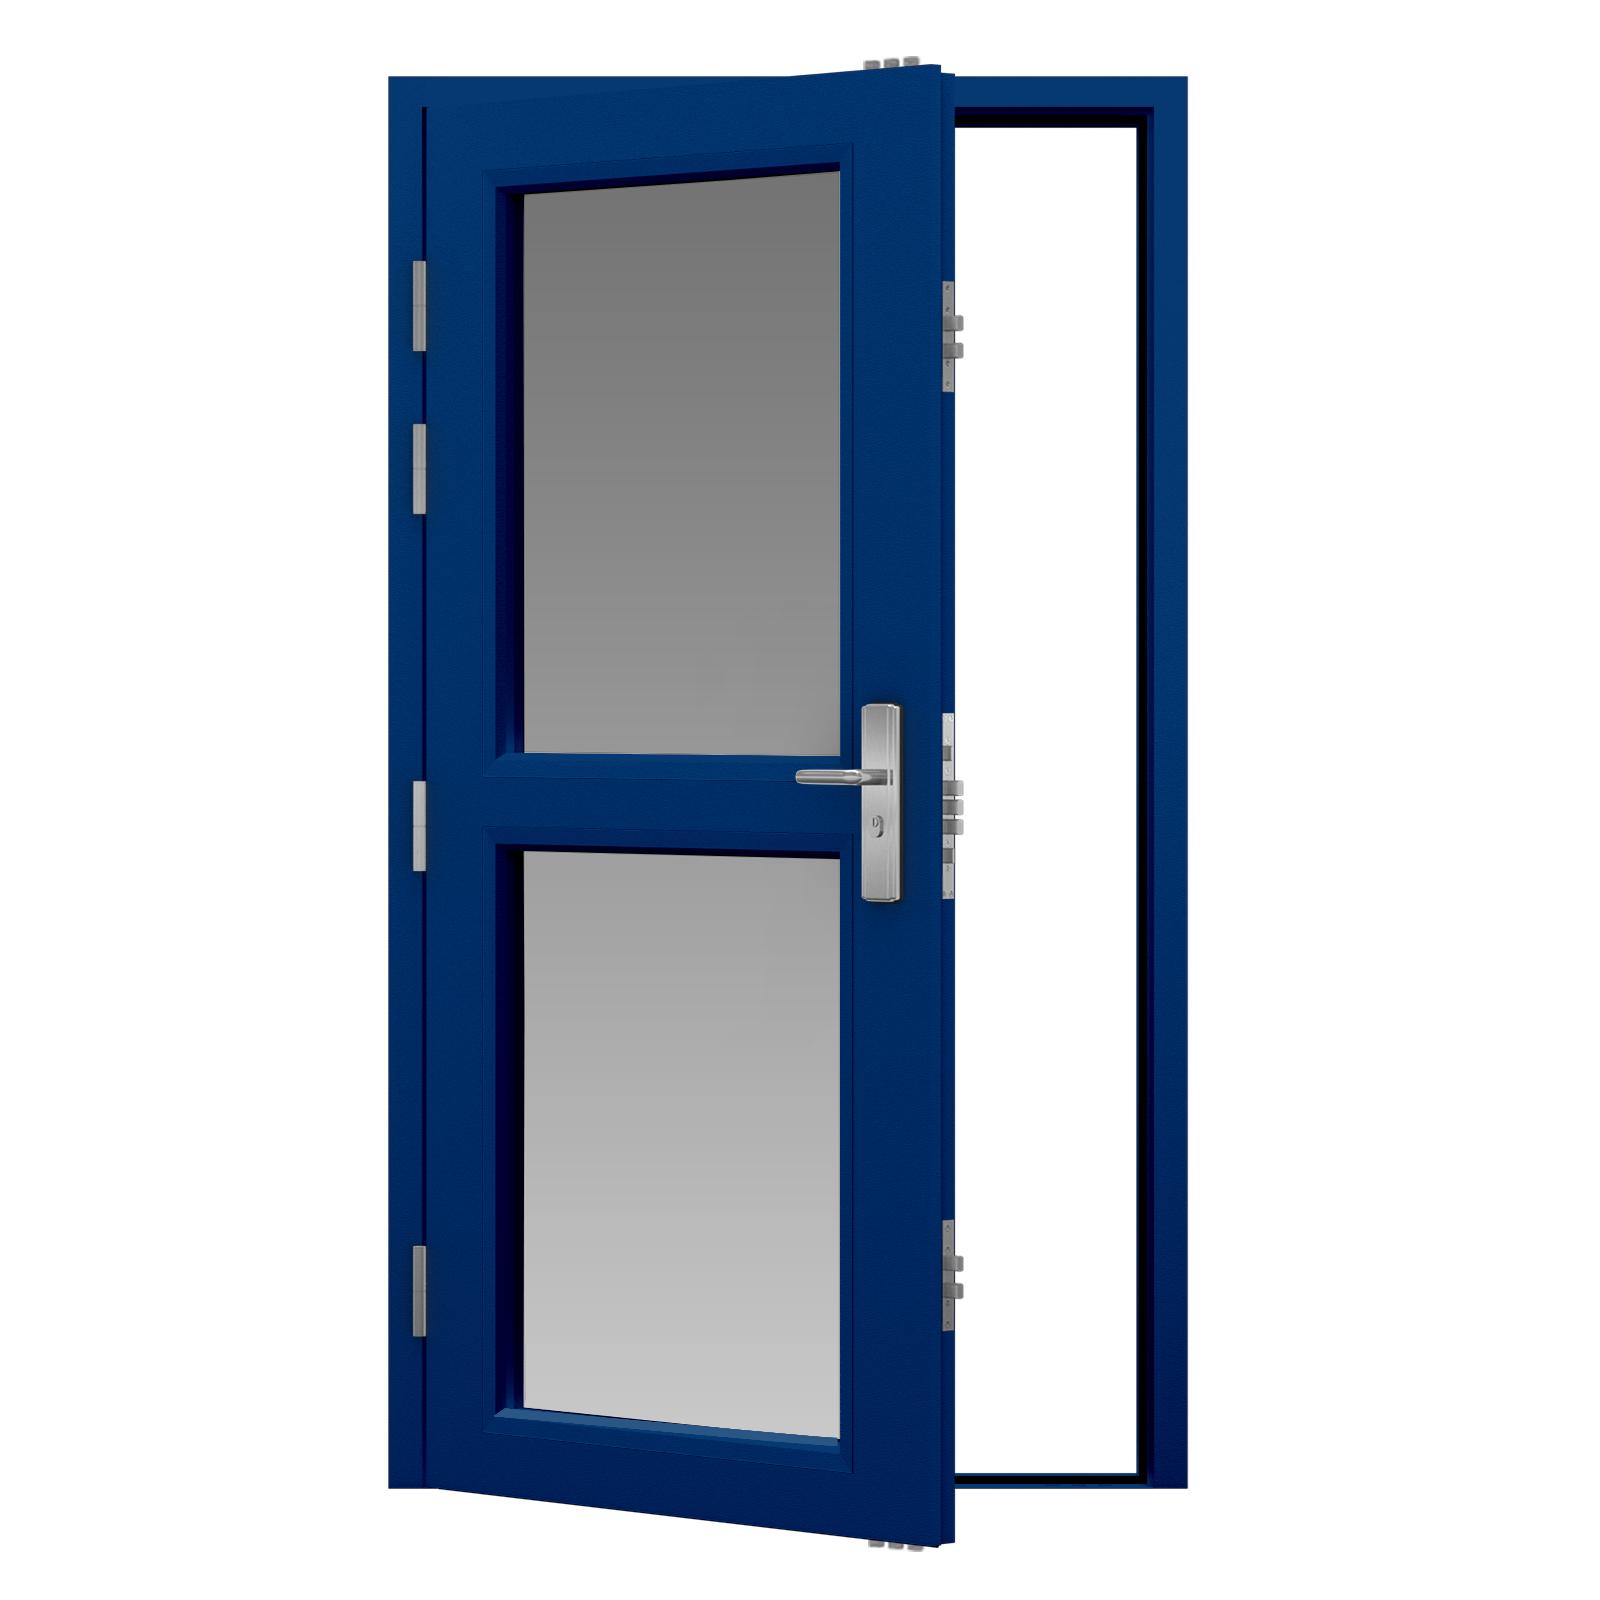 Glazed Steel Door Security Latham S Steel Doors